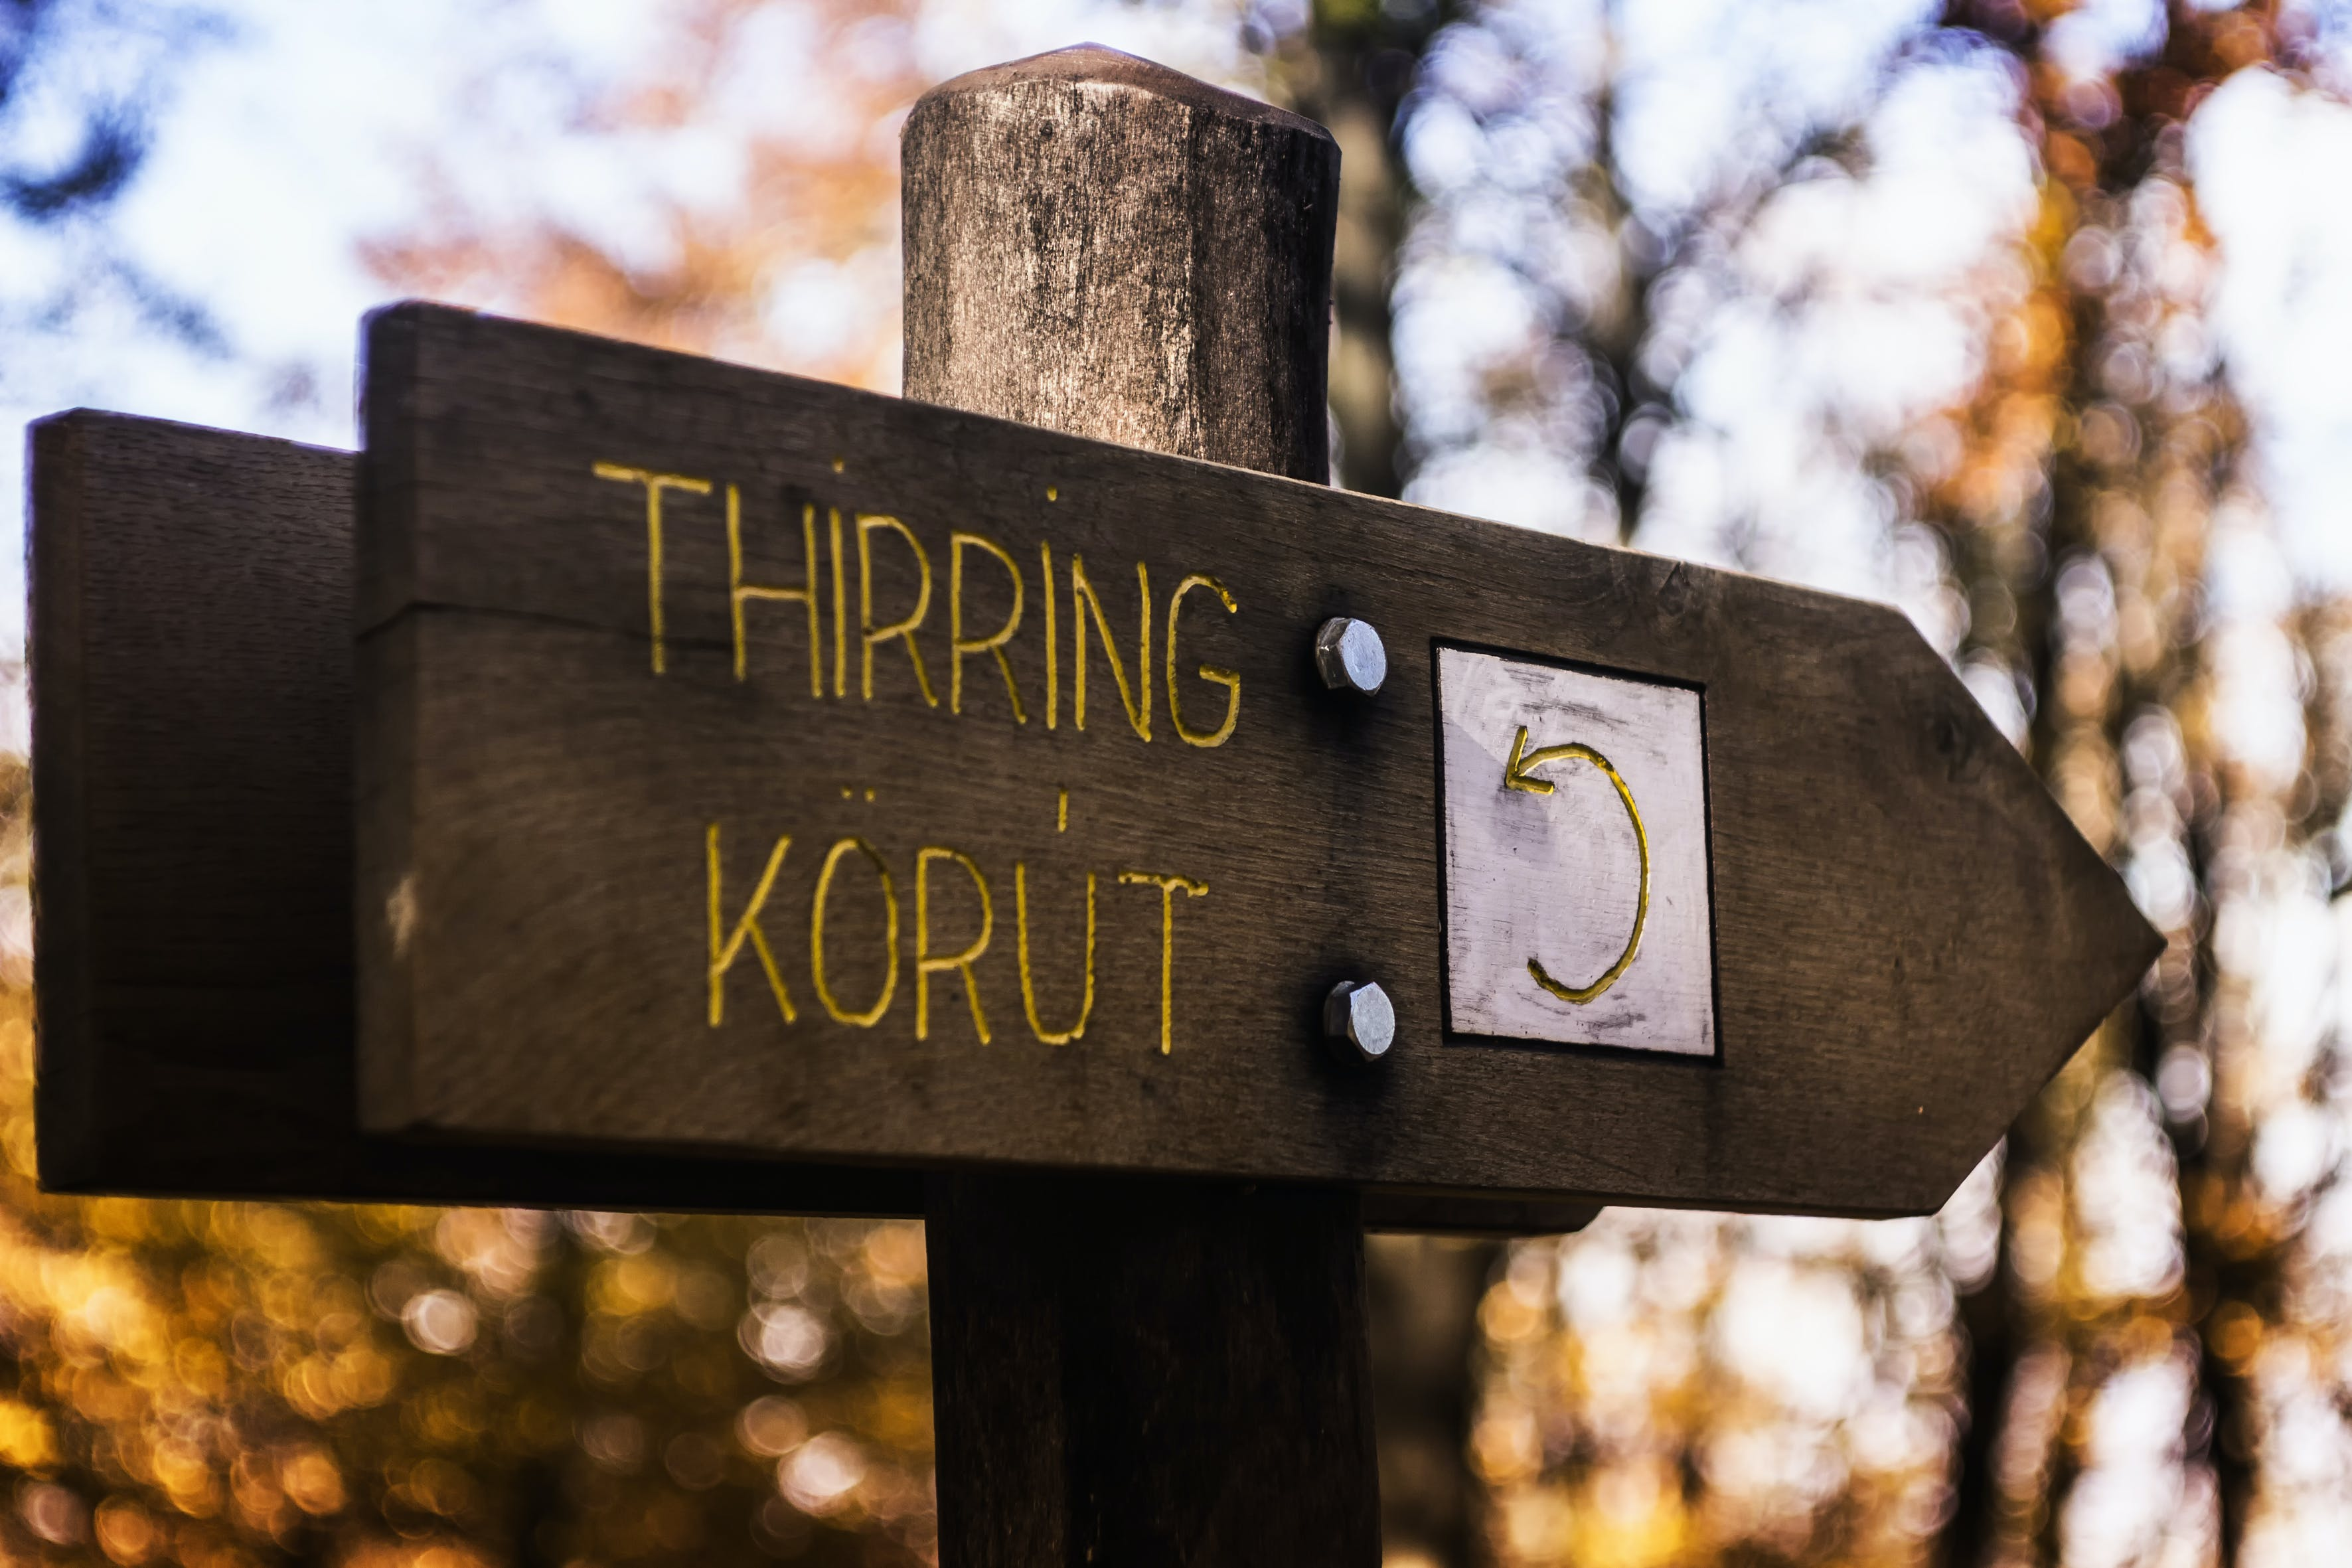 Thirring Korut Wooden Signage